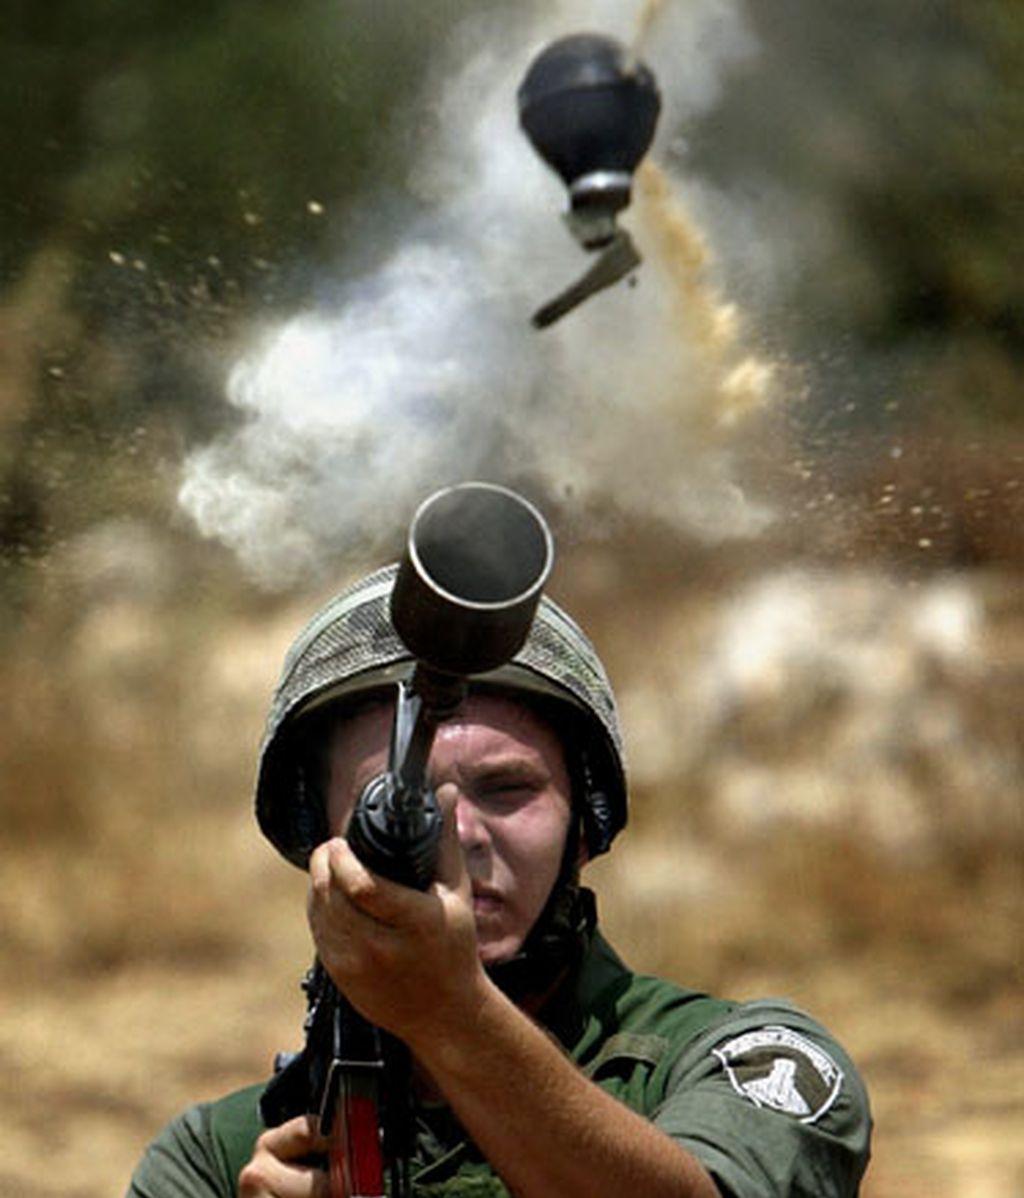 Policia dispara gas lacrimógeno en la frontera israelí